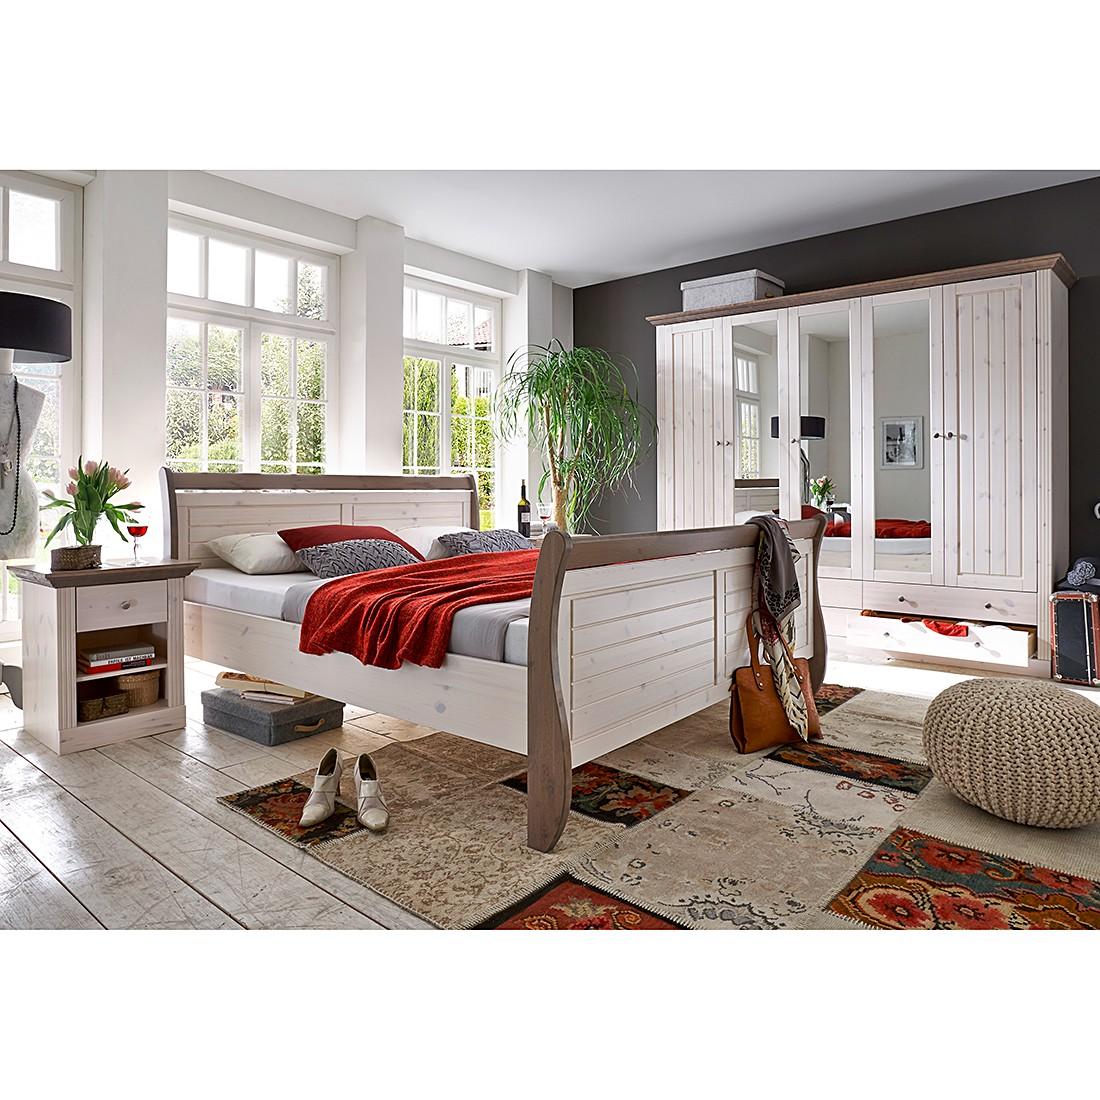 Schlafzimmerset Lyngby (4-teilig) - Kiefer Weiß lasiert & lackiert / Steingrau, Steens